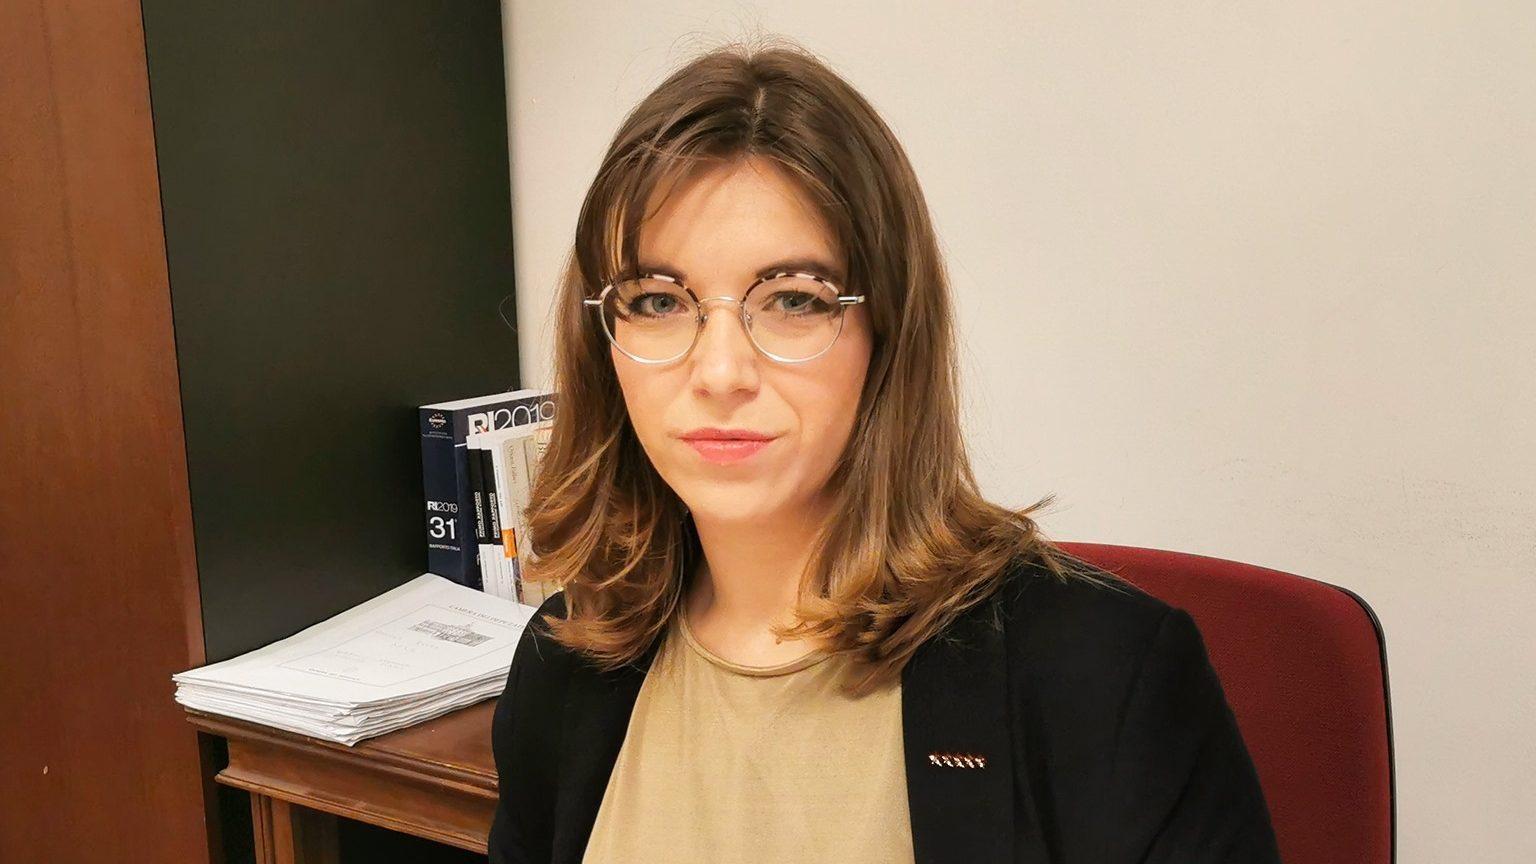 foto di angela raffa, deputata di Messina del movimento 5 stelle